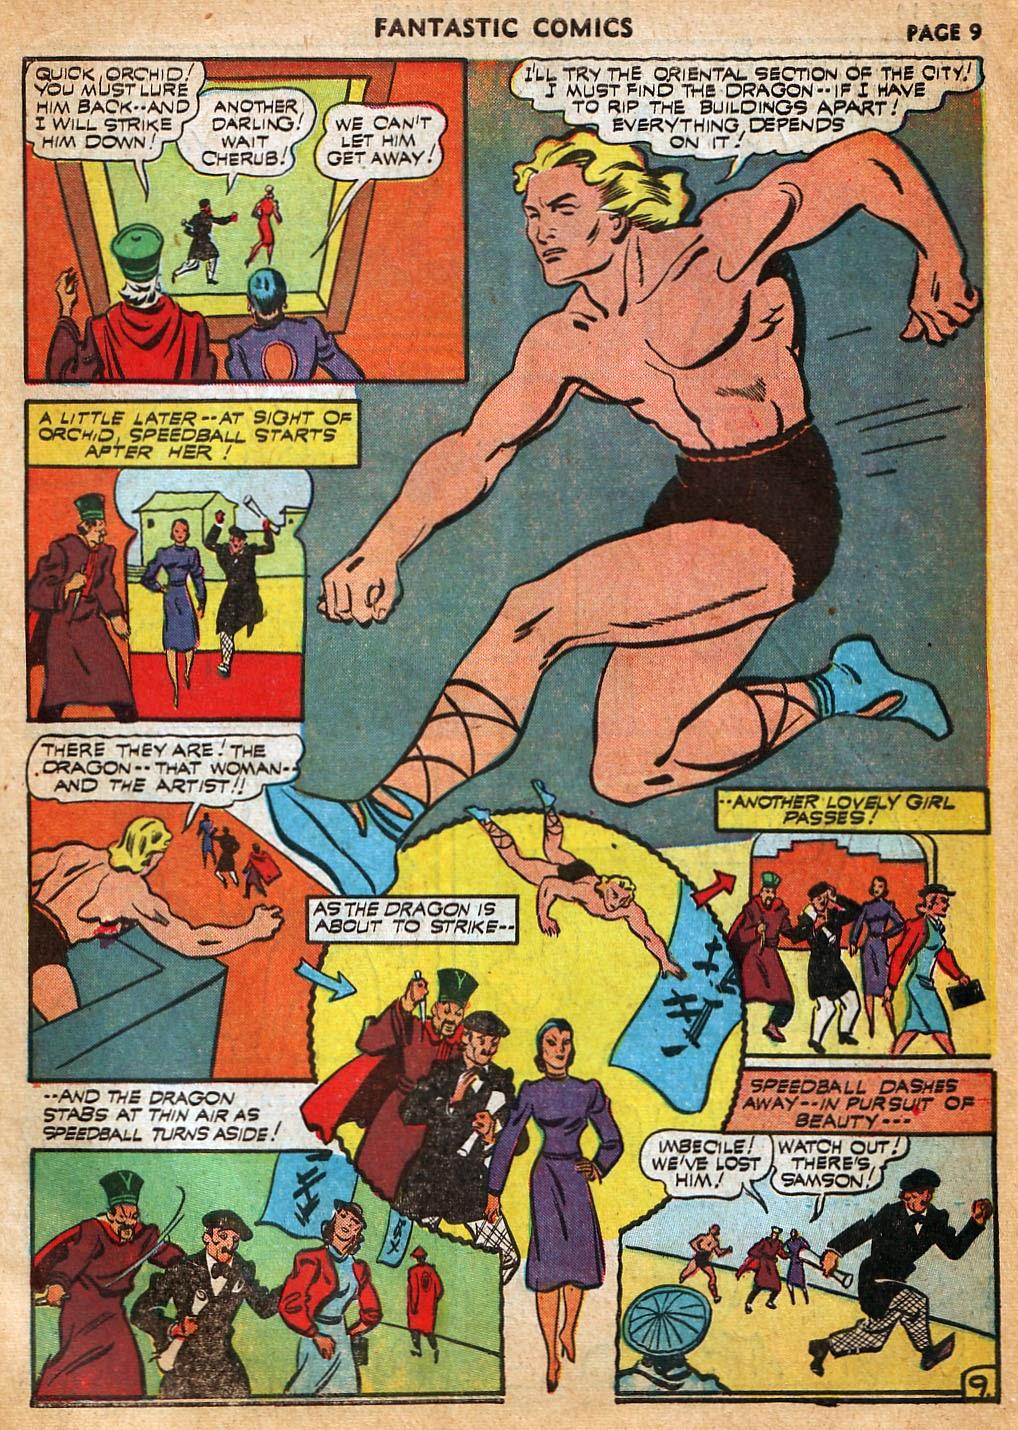 Read online Fantastic Comics comic -  Issue #22 - 11